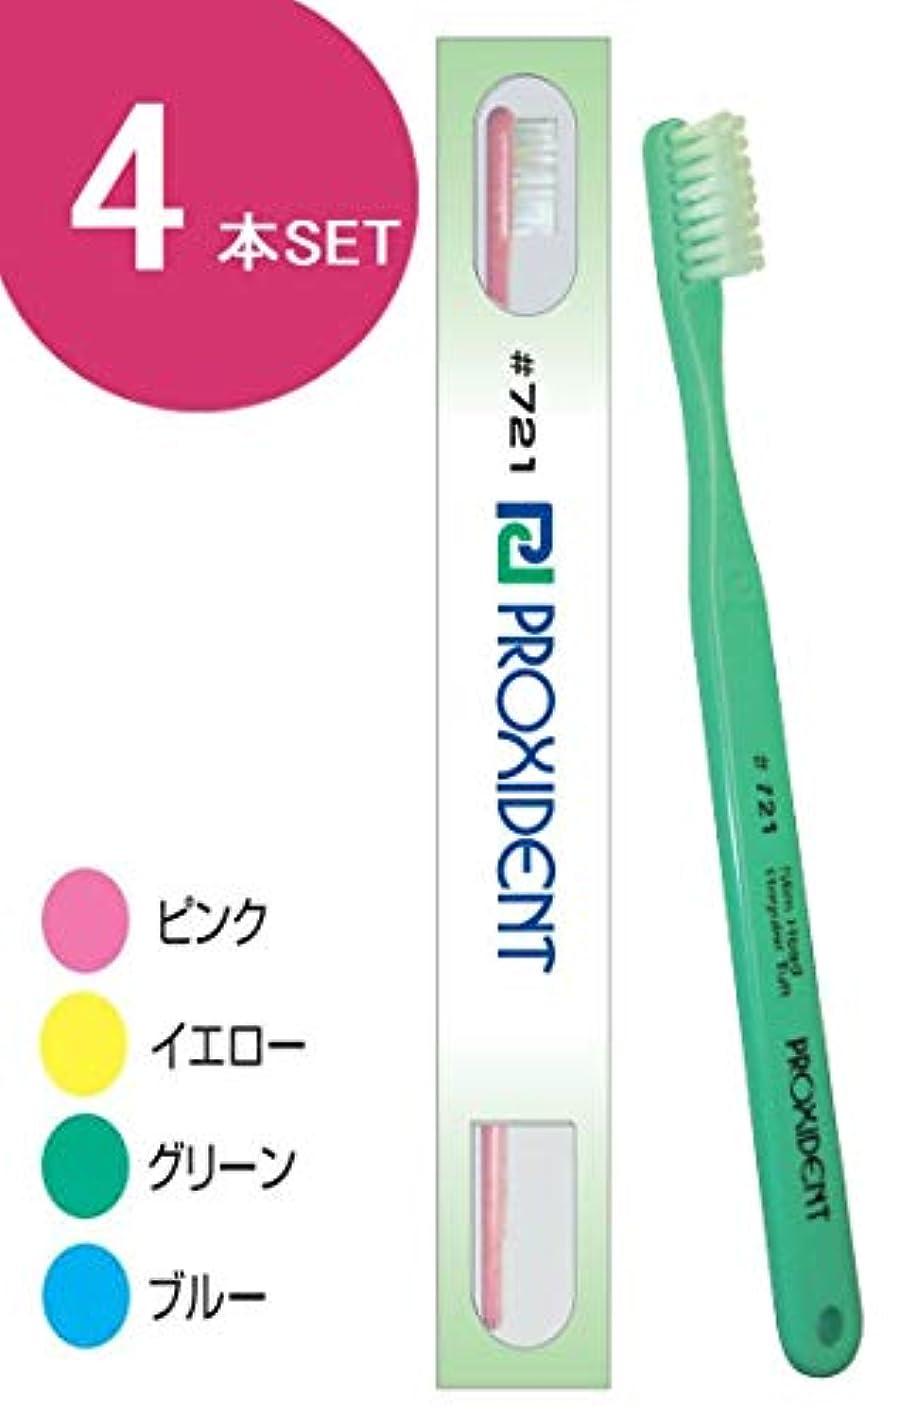 注釈を付ける信号損傷プローデント プロキシデント スリムヘッド レギュラータフト 歯ブラシ #721 (4本)